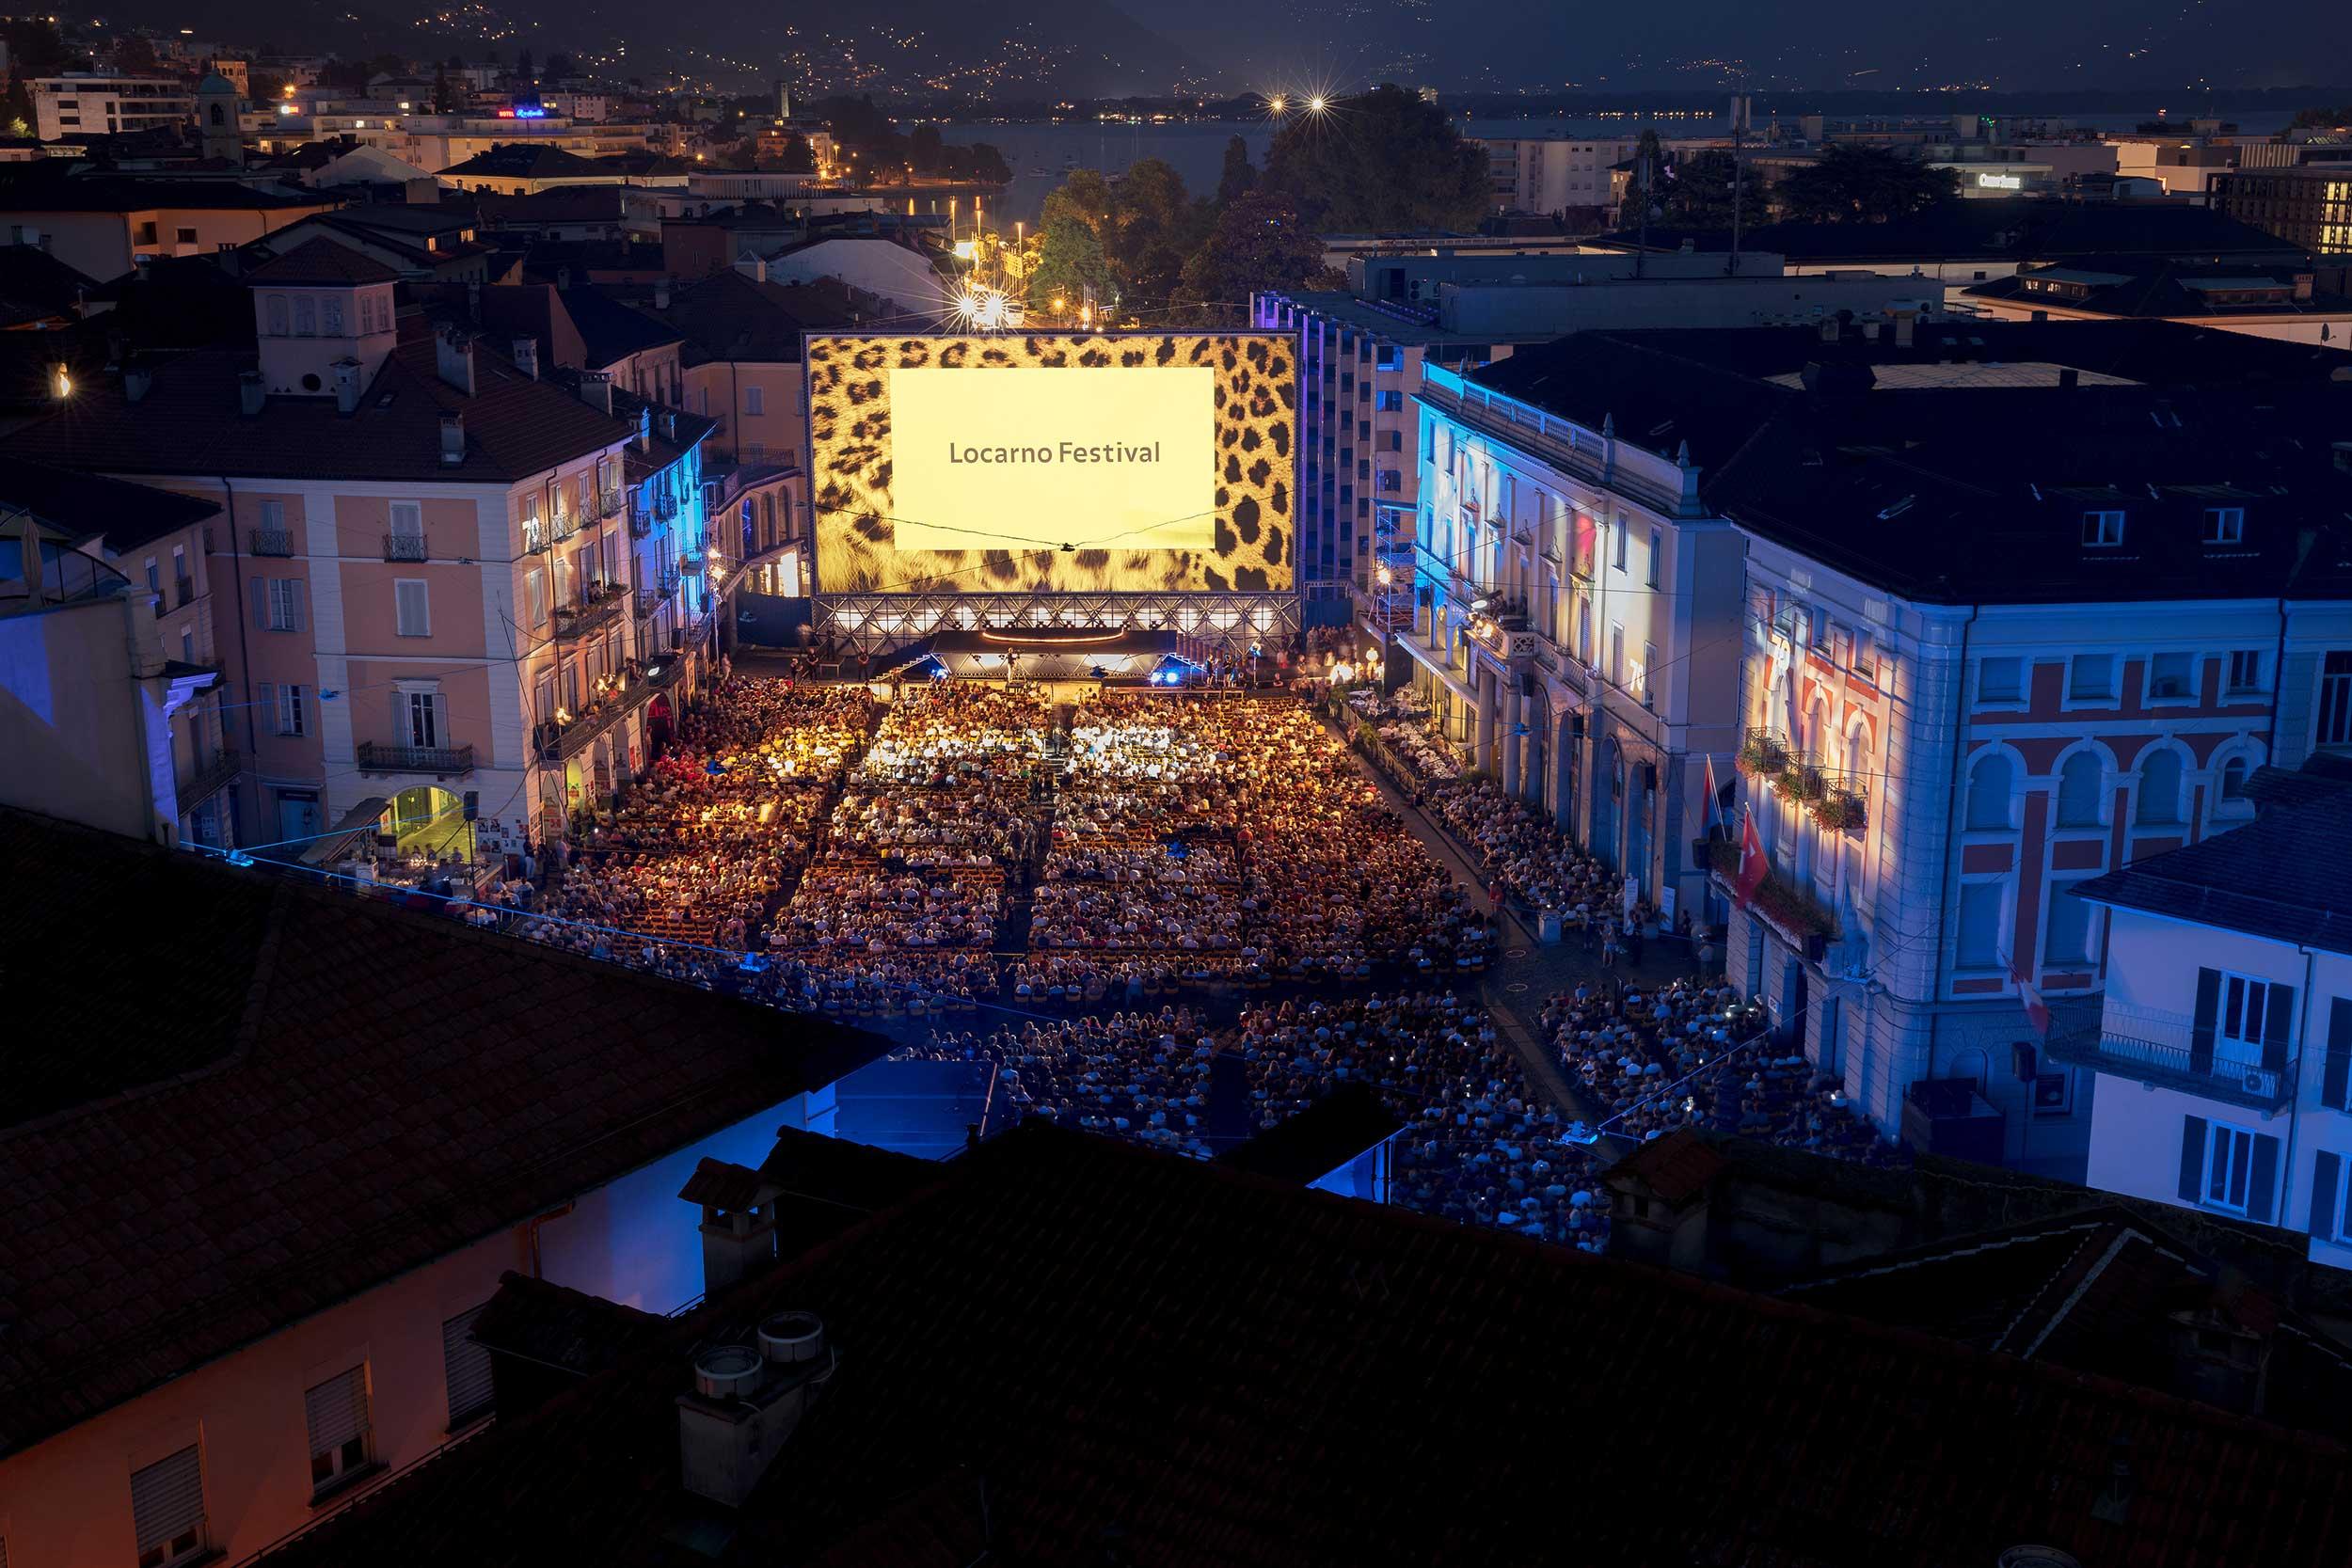 Qatari cinema participates for the first time in the Locarno Festival